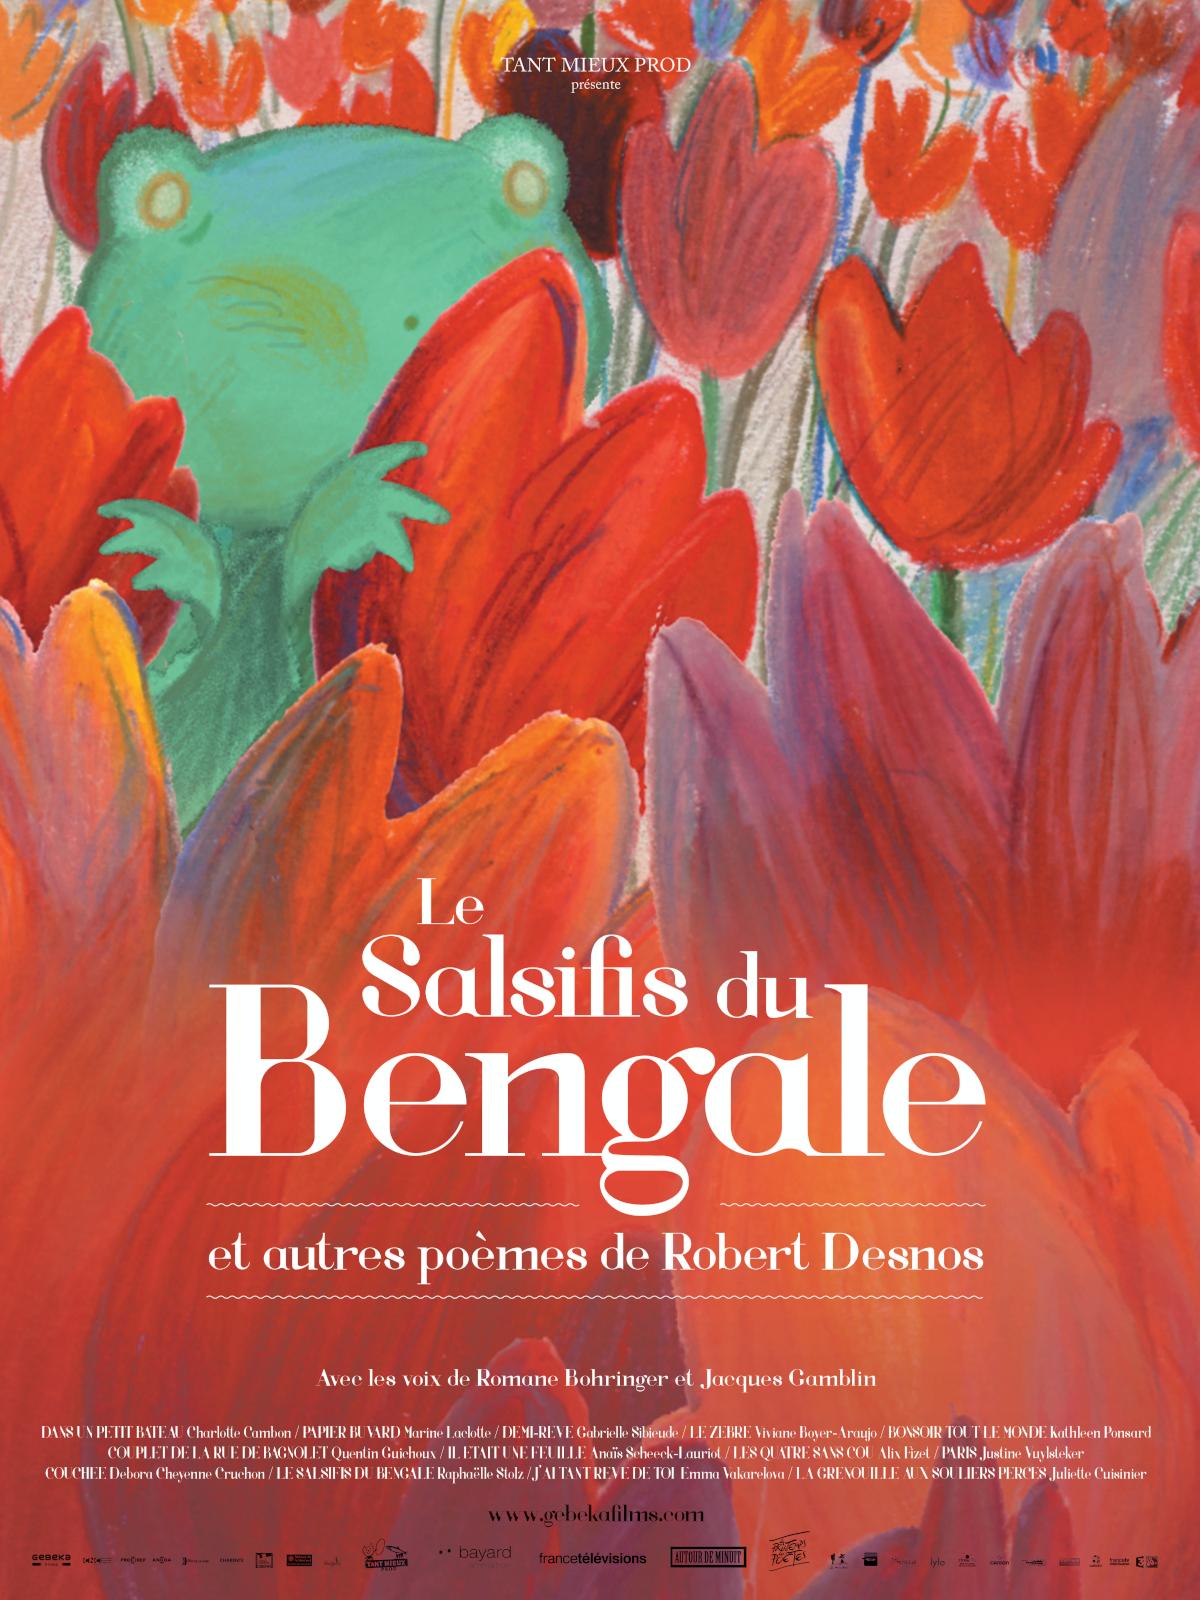 En sortant de l'école : Salsifis du Bengale et autres poèmes de Robert Desnos | Divers,  (Réalisateur)